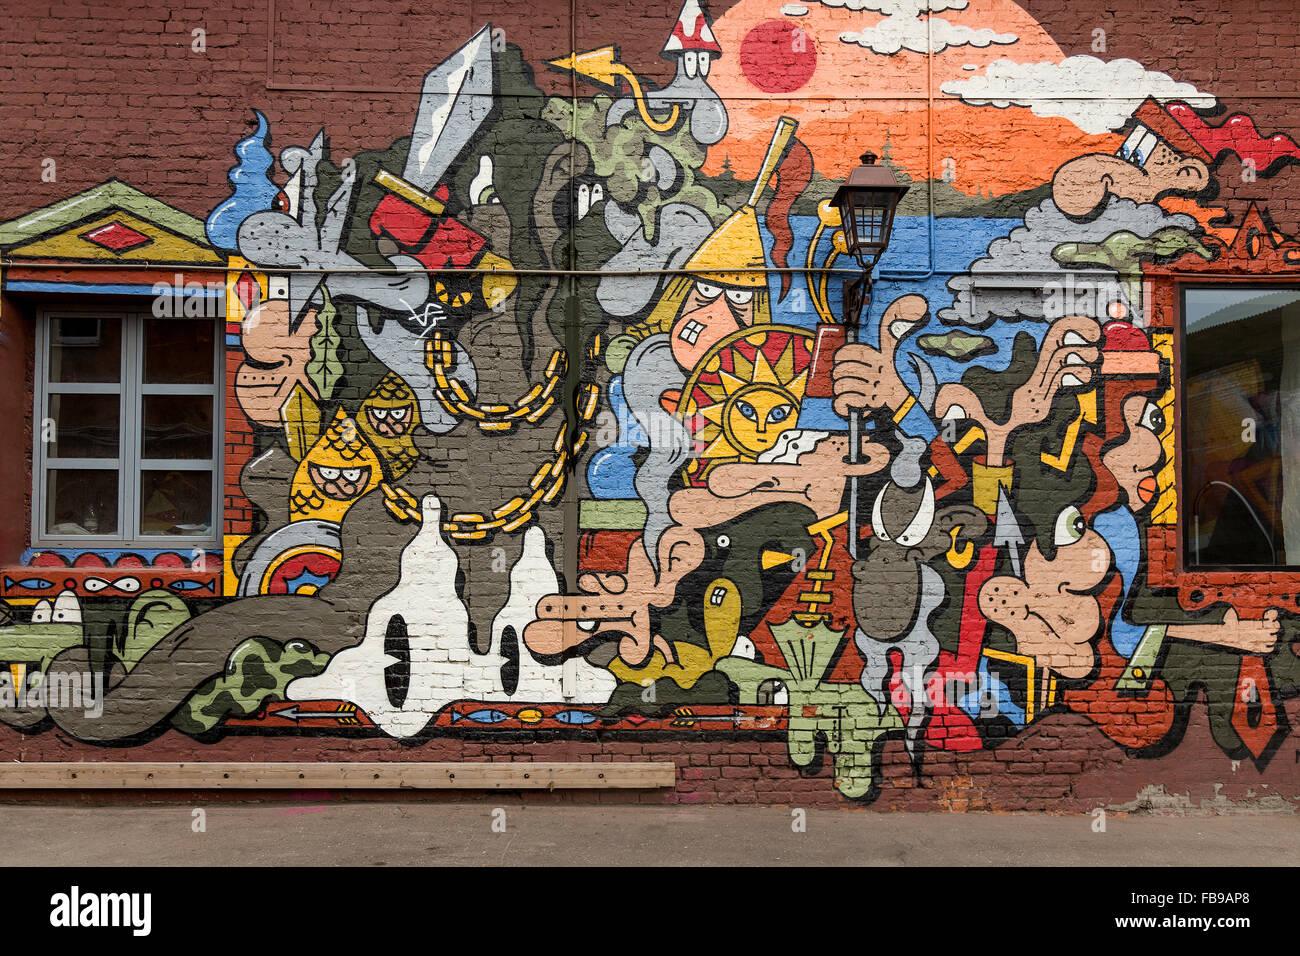 Moskau, Russland - ca. Juli 2015 - Wandbild in den Straßen von Moskau Stockbild